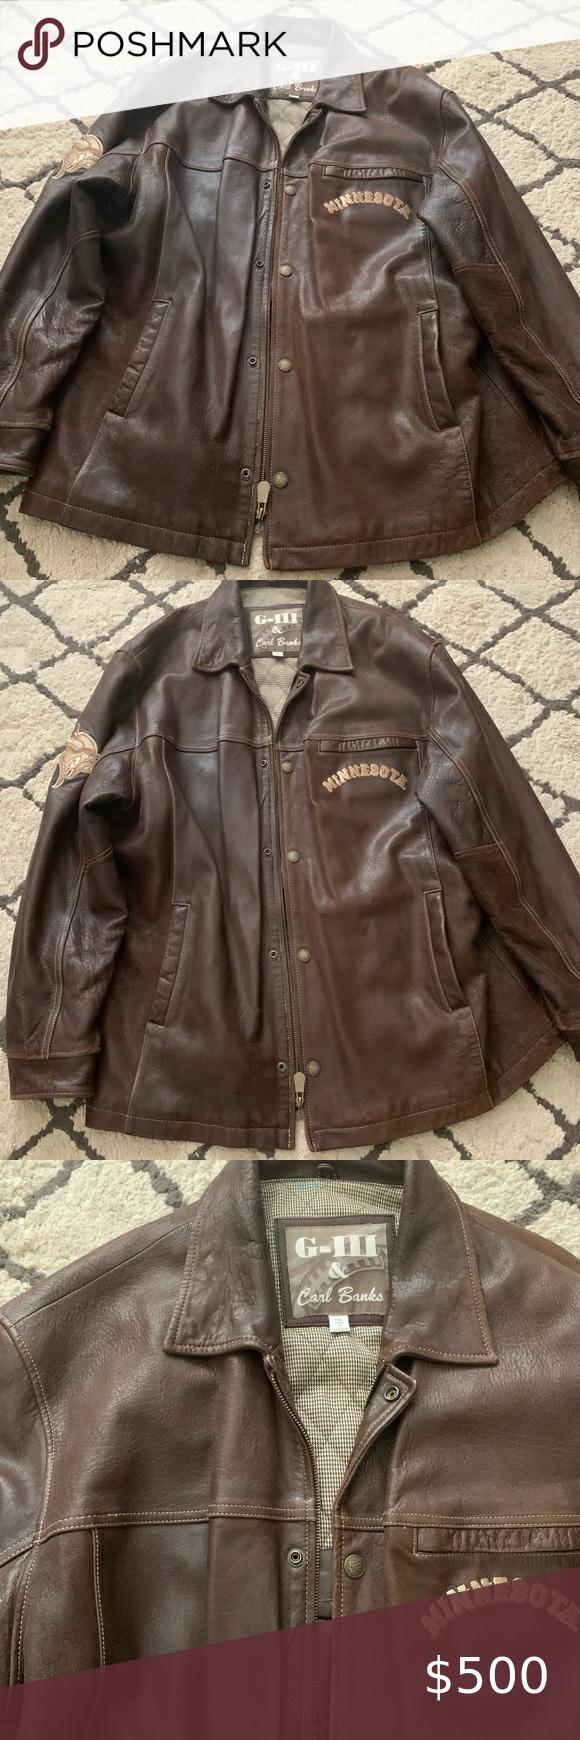 Minnesota Vikings Leather Jacket Leather Jacket Jackets Leather [ 1740 x 580 Pixel ]